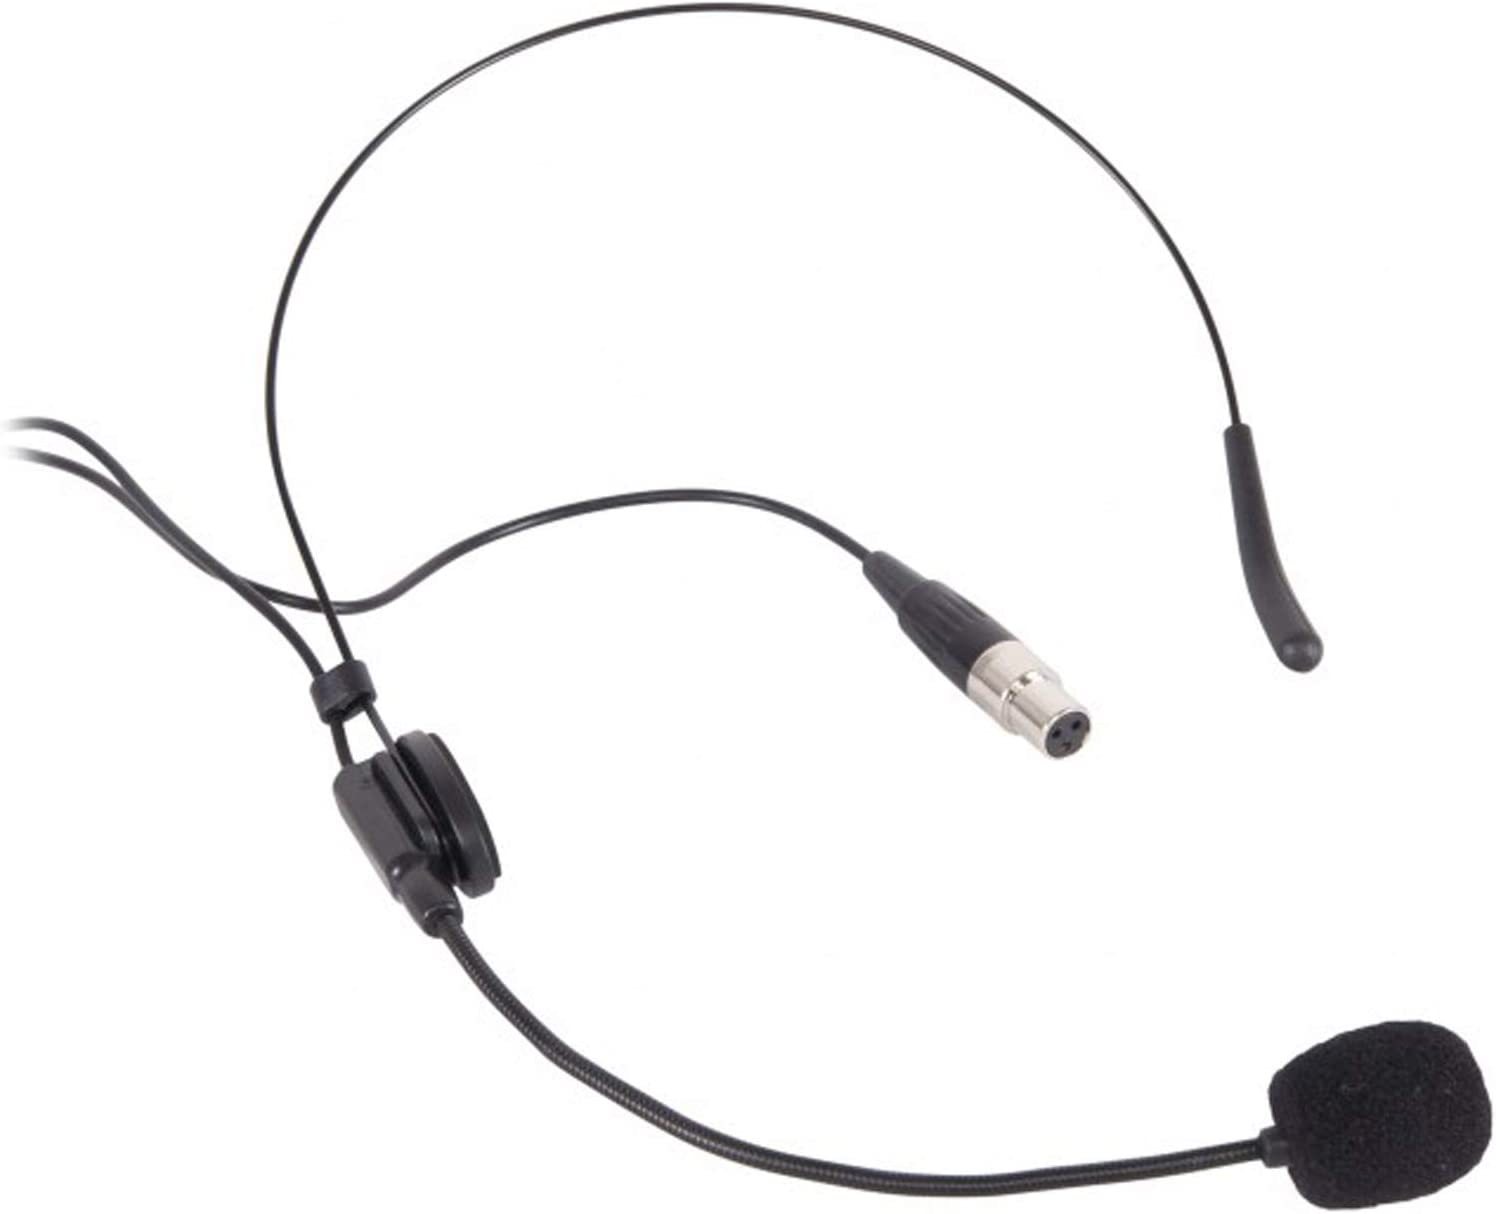 Proel EIKON HCM25 HCM25 Microfono ad archetto a condensatore miniaturizzato con connettore mini cannon XLR 4 poli Femmina Nero